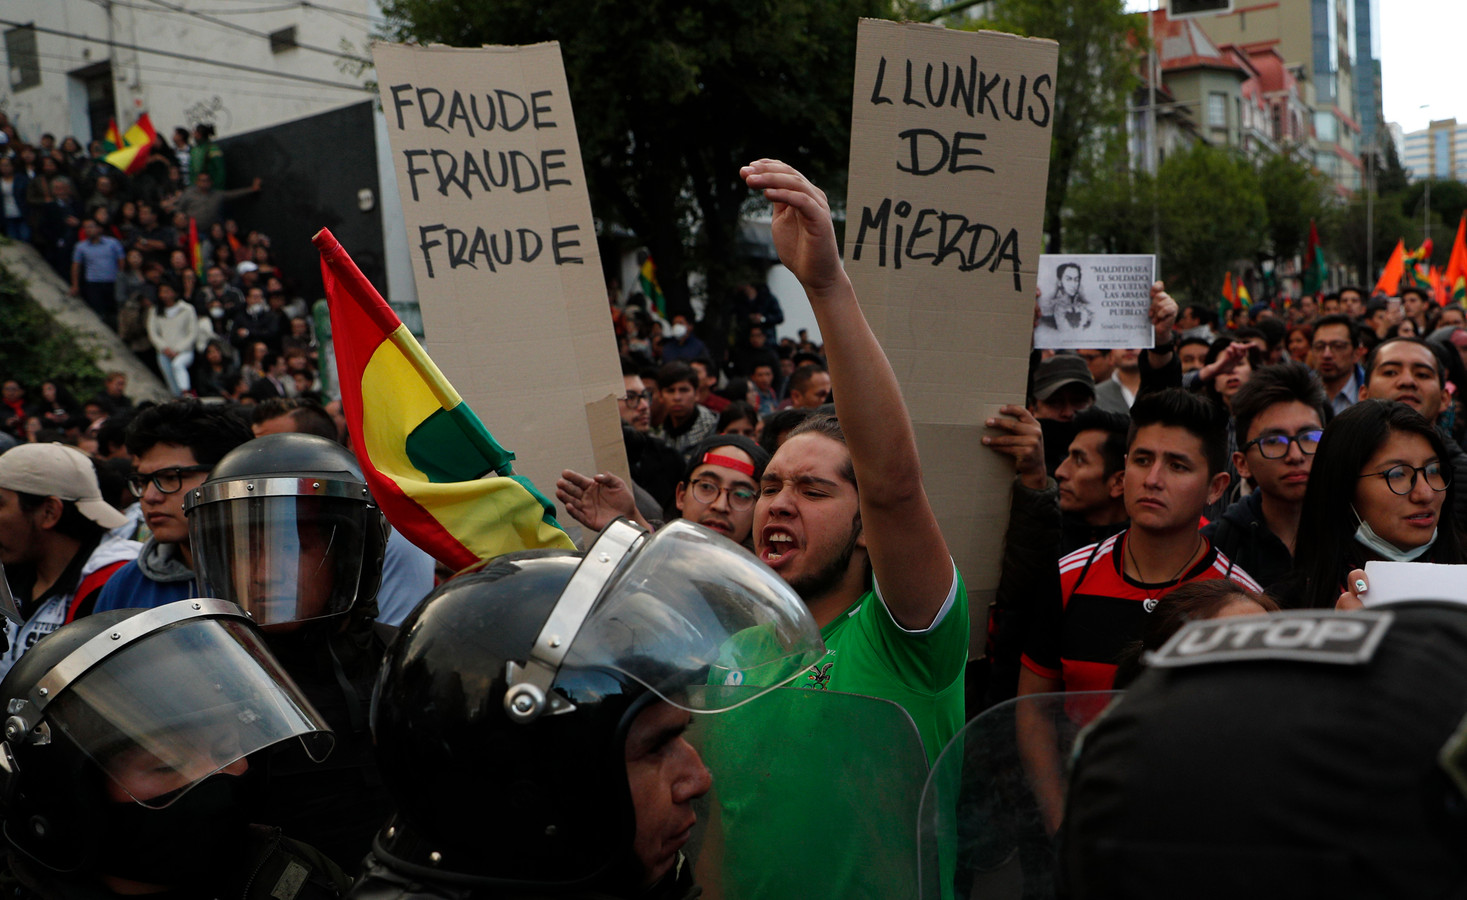 Aanhangers van oppositiekandidaat Carlos Mesa protesteren in La Paz.